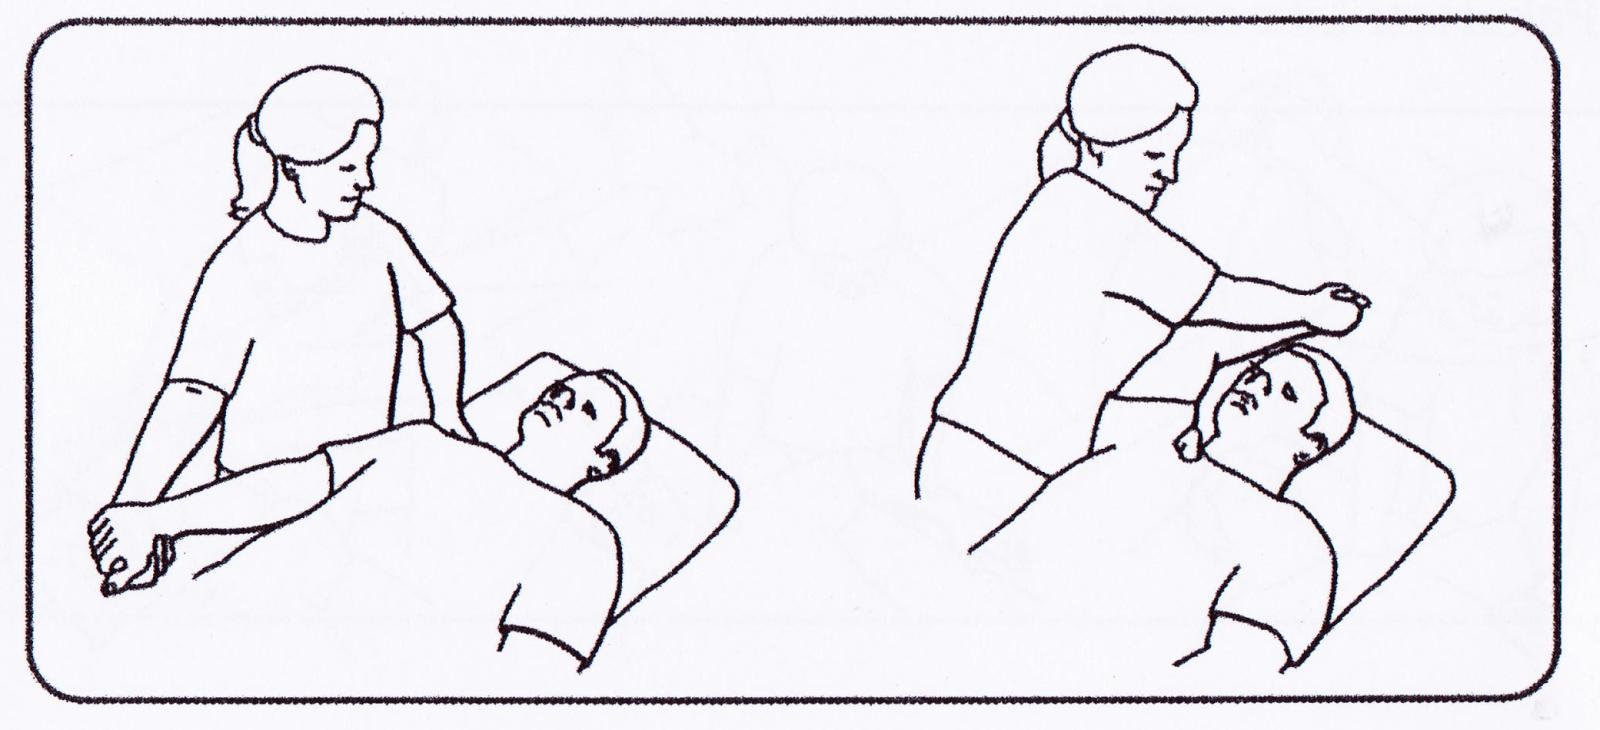 shoulder range of motion exercises pdf